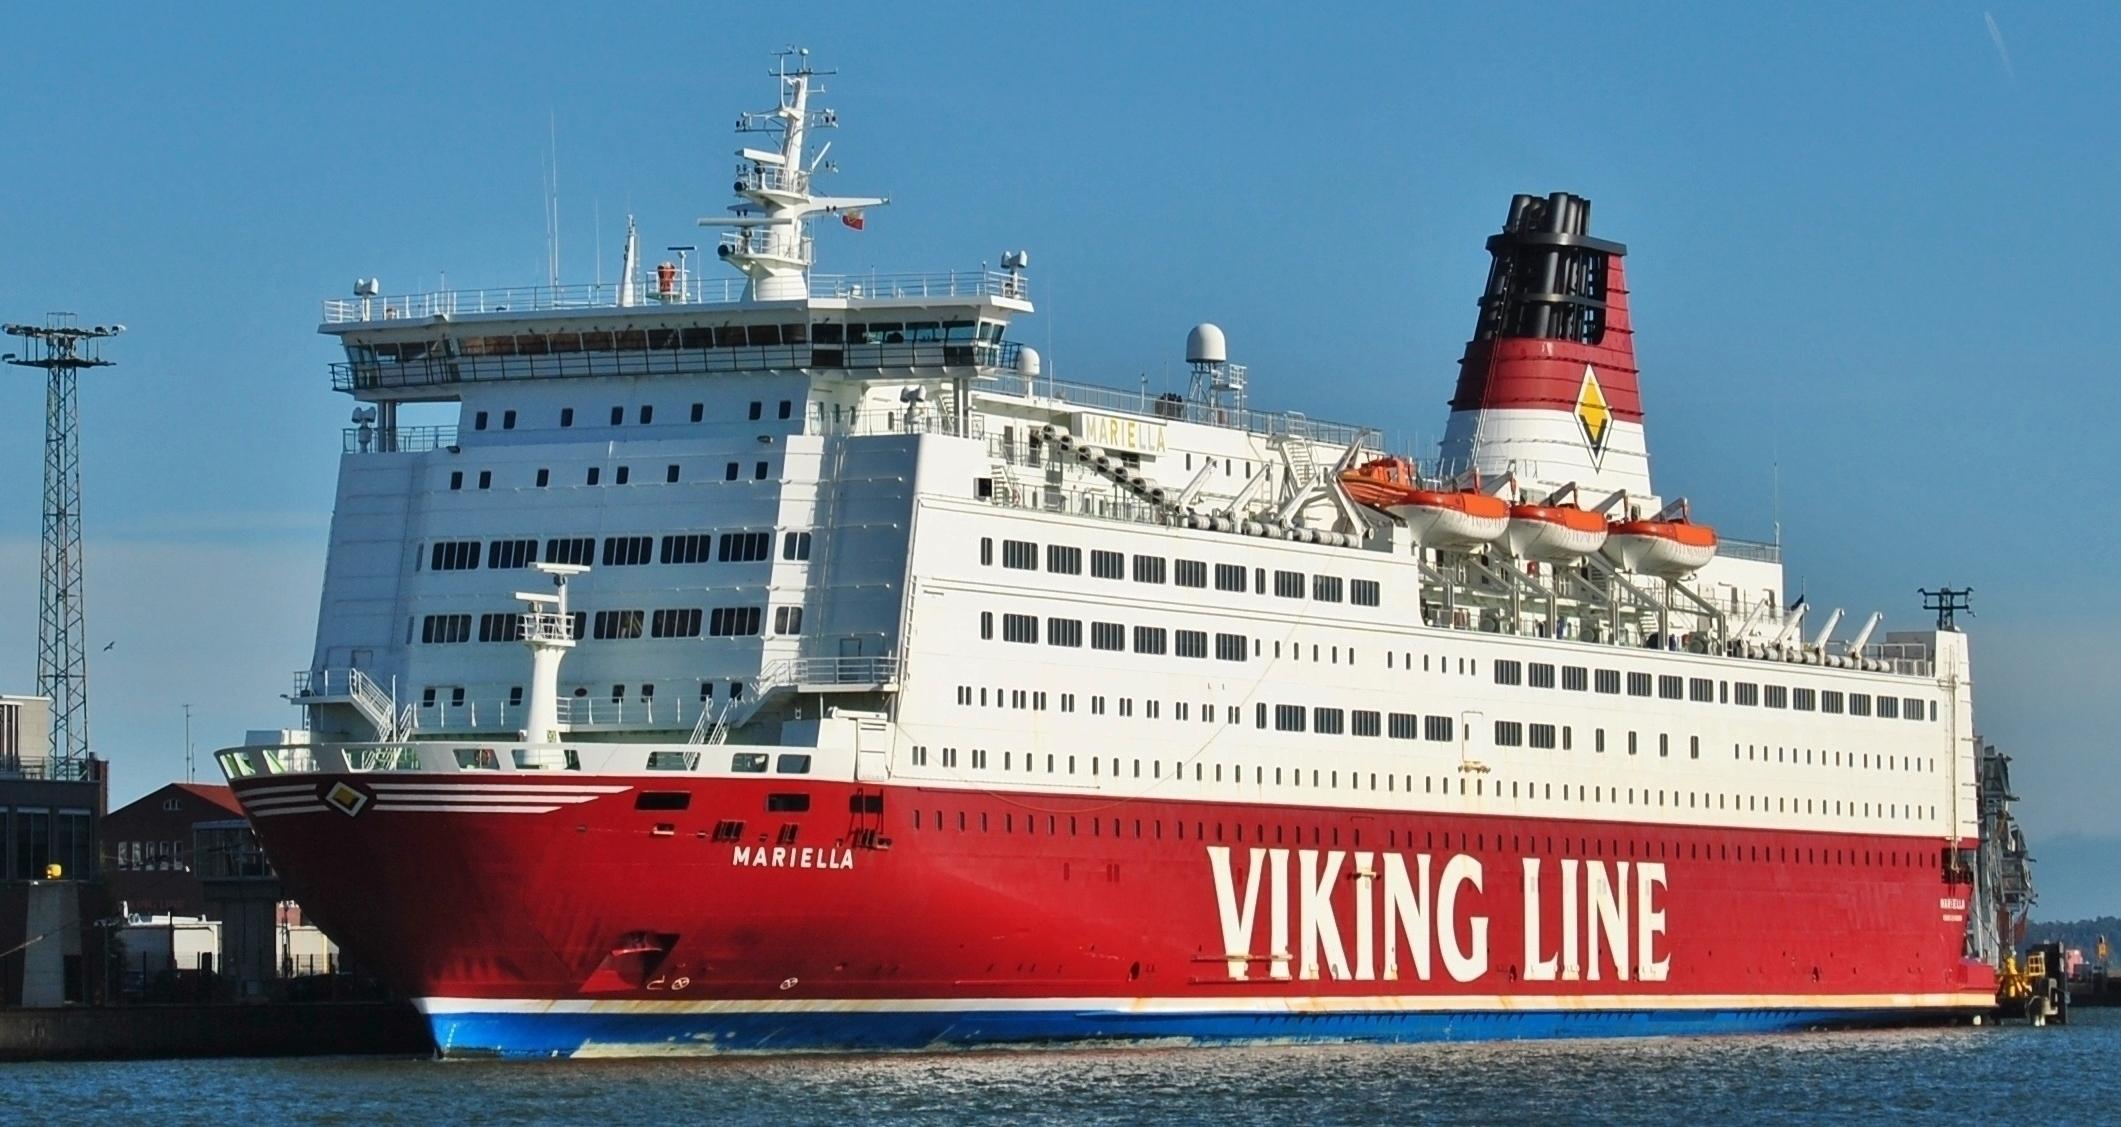 Viking Line myy M/S Mariella